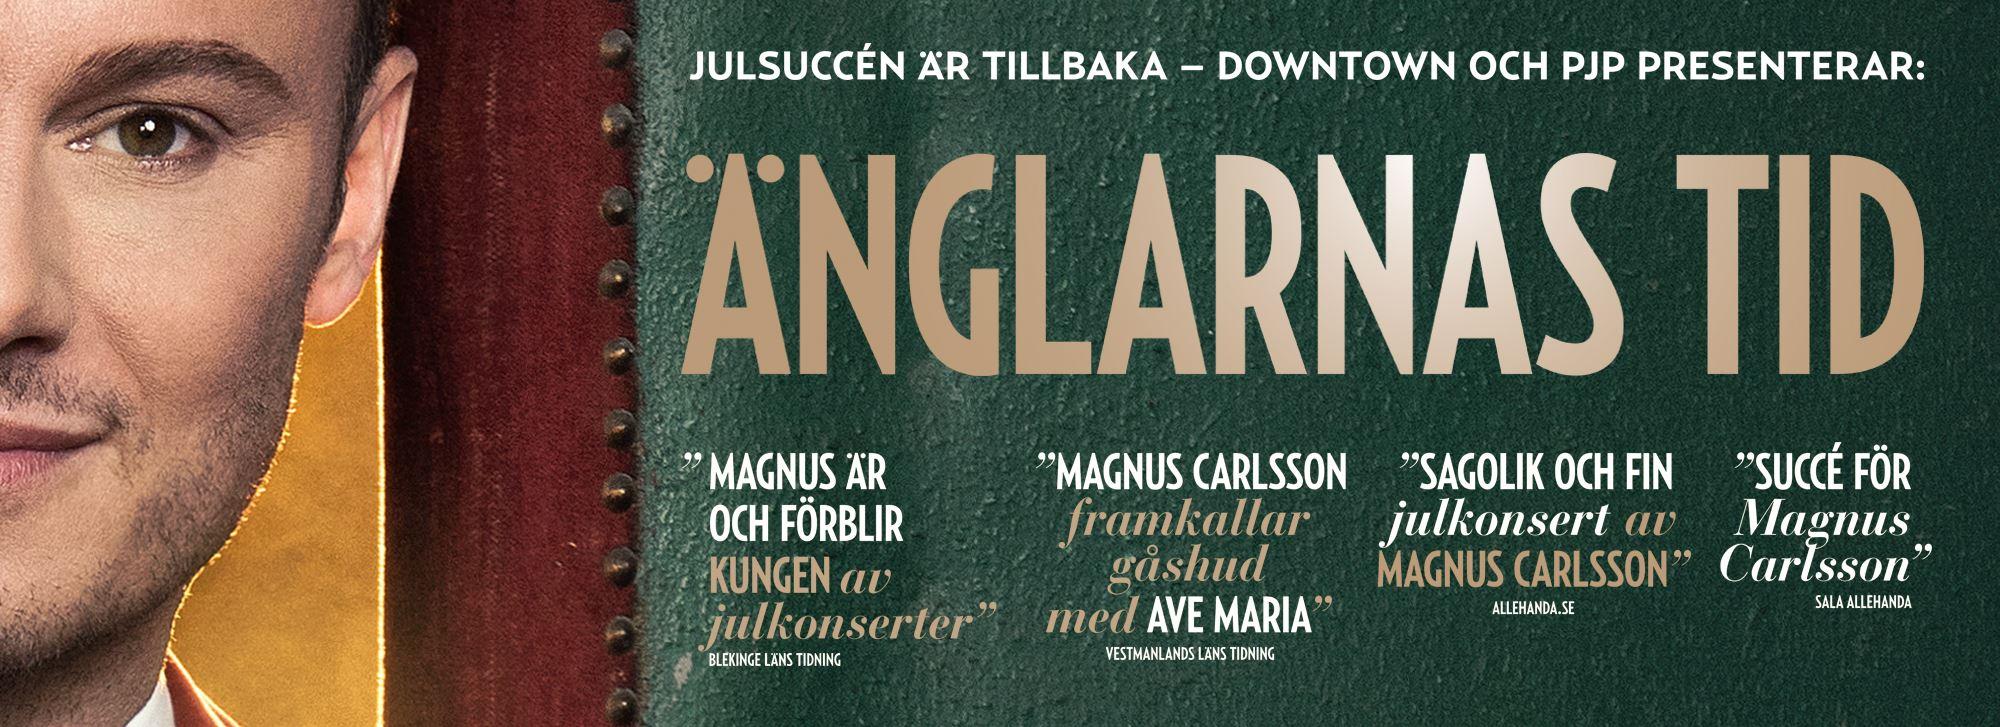 Julkonsert: Änglarnas Tid med Magnus Carlsson